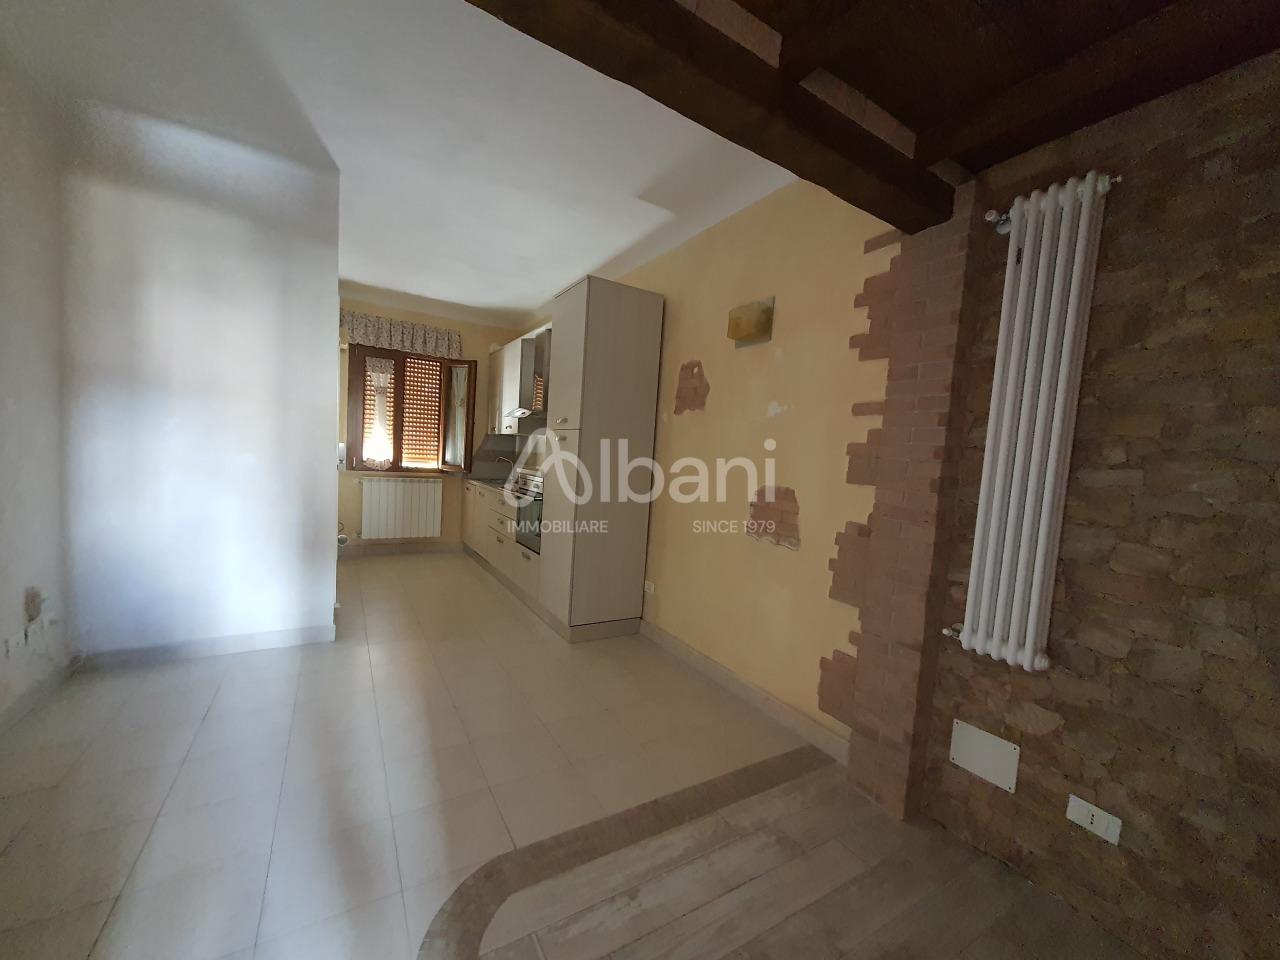 Appartamento in vendita a La Spezia, 2 locali, prezzo € 62.000 | PortaleAgenzieImmobiliari.it